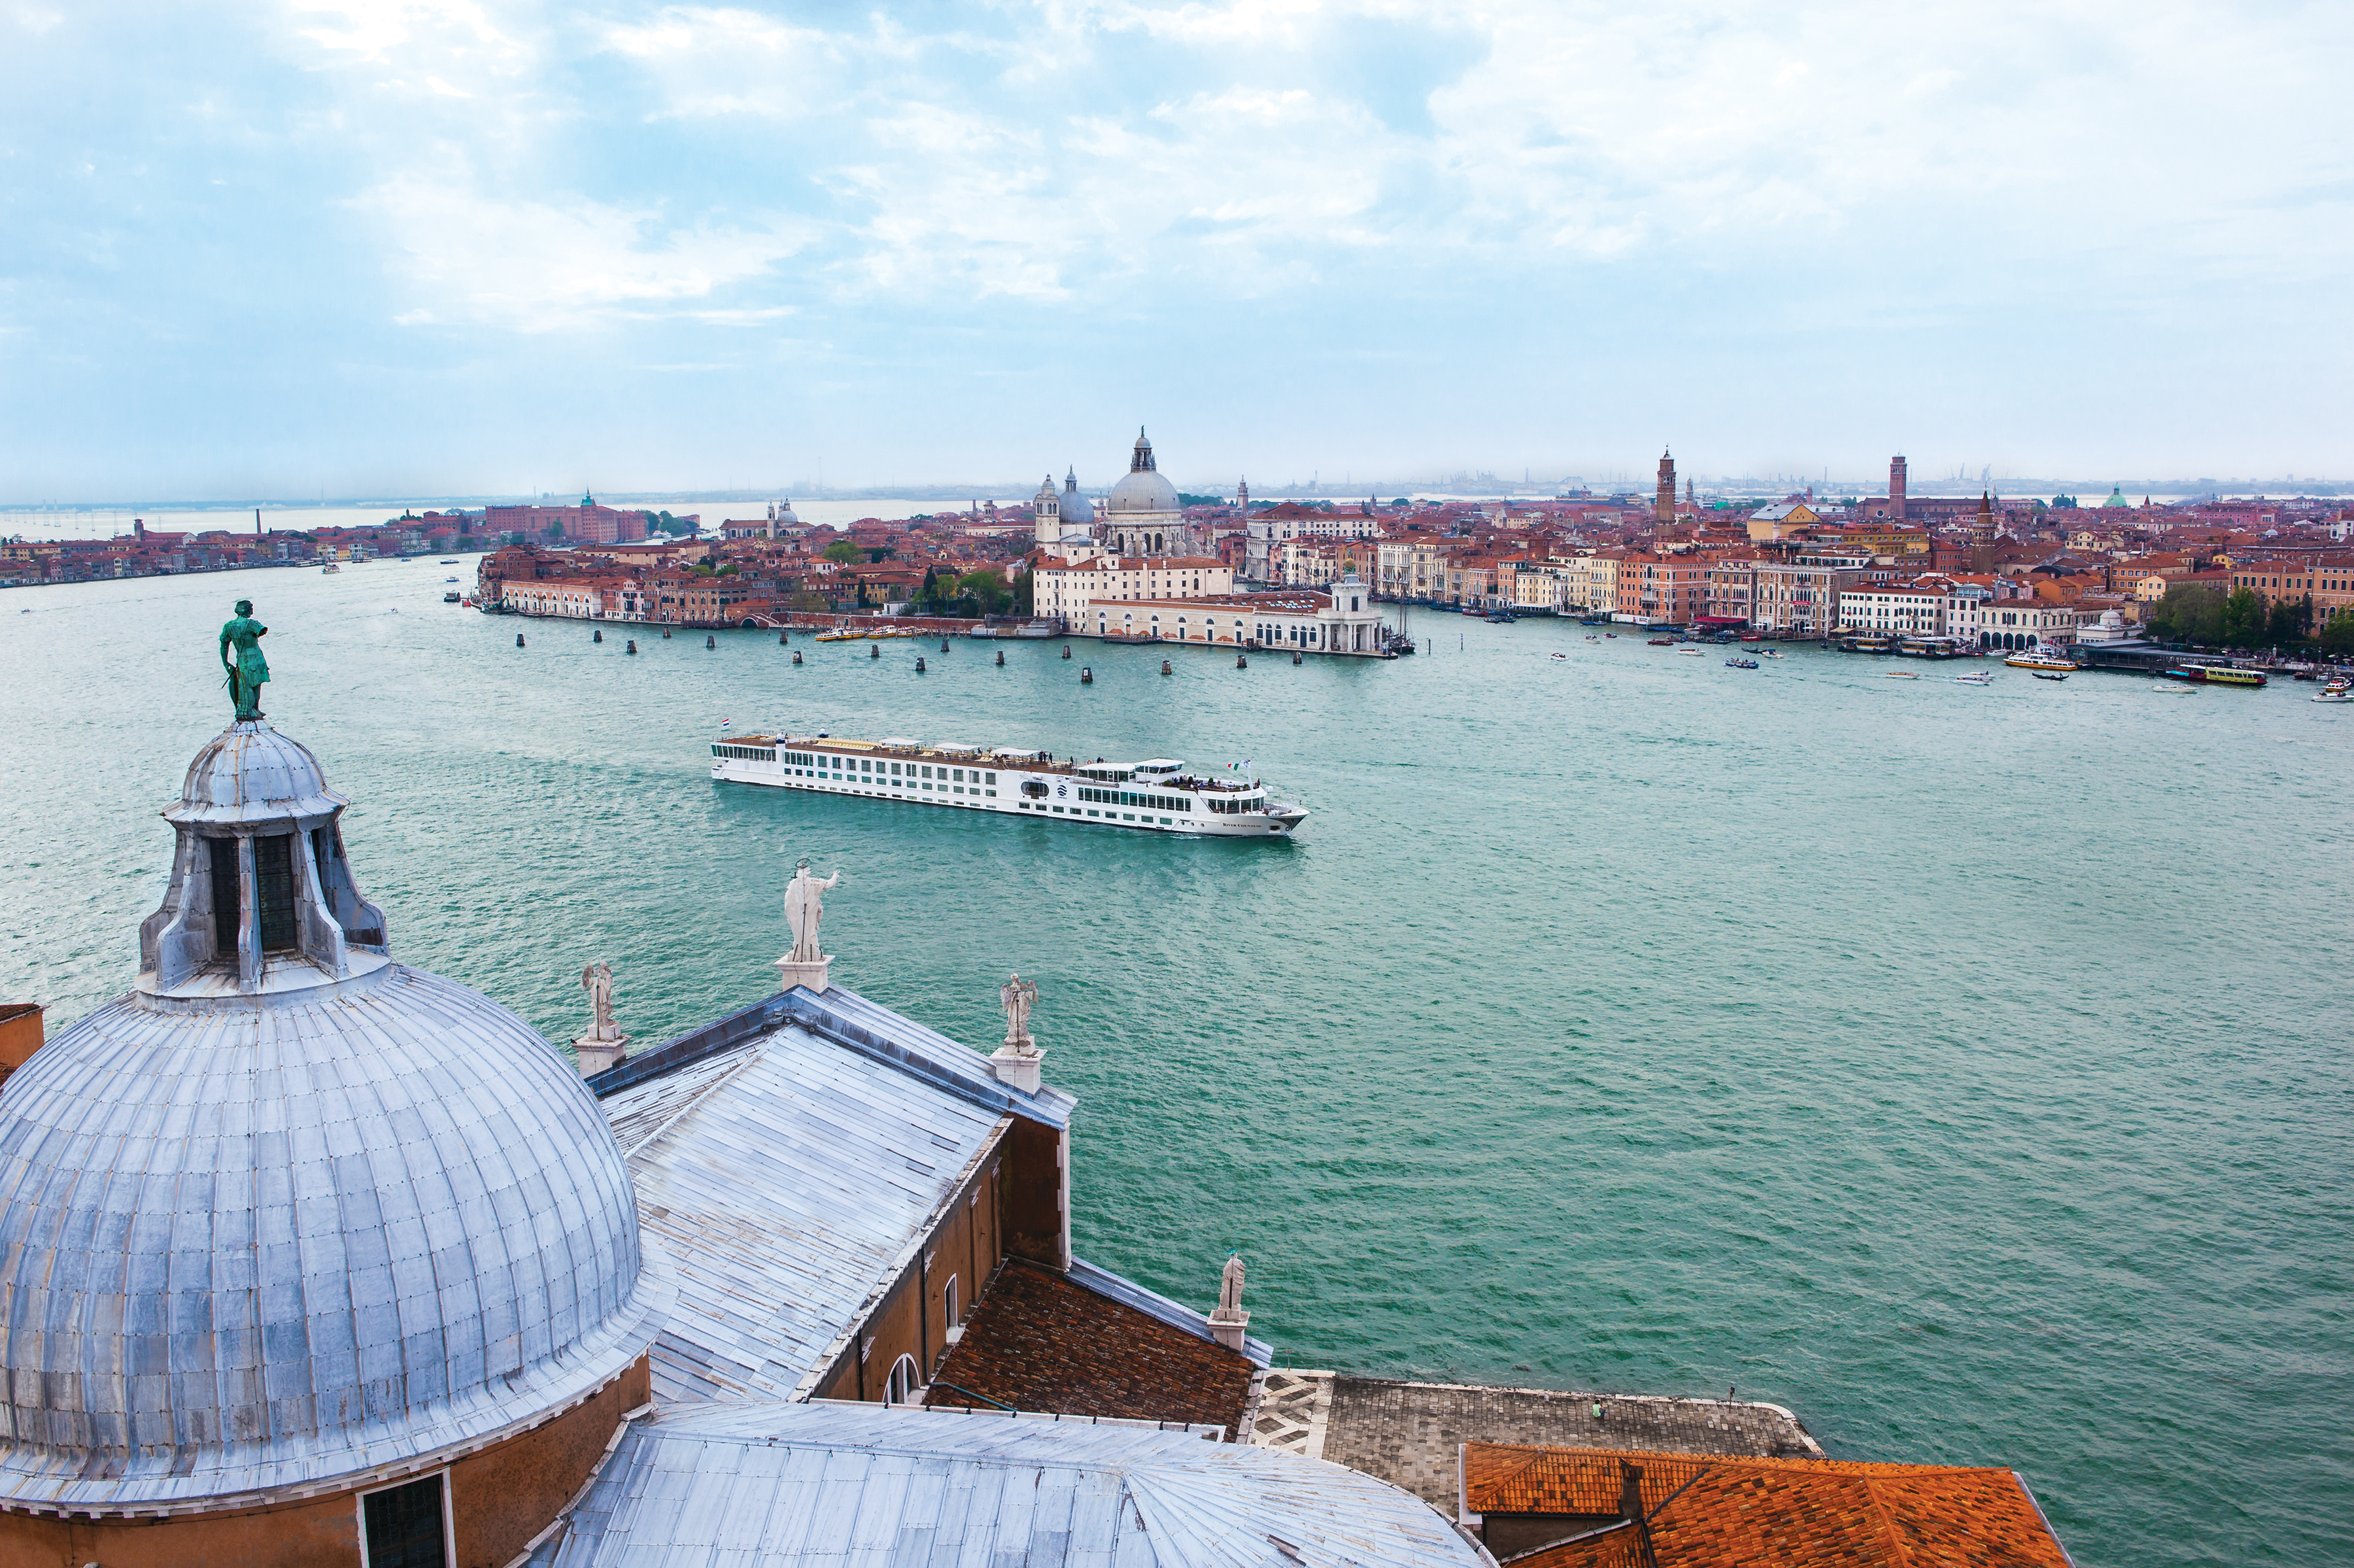 Uniworld - River Countess in Venice